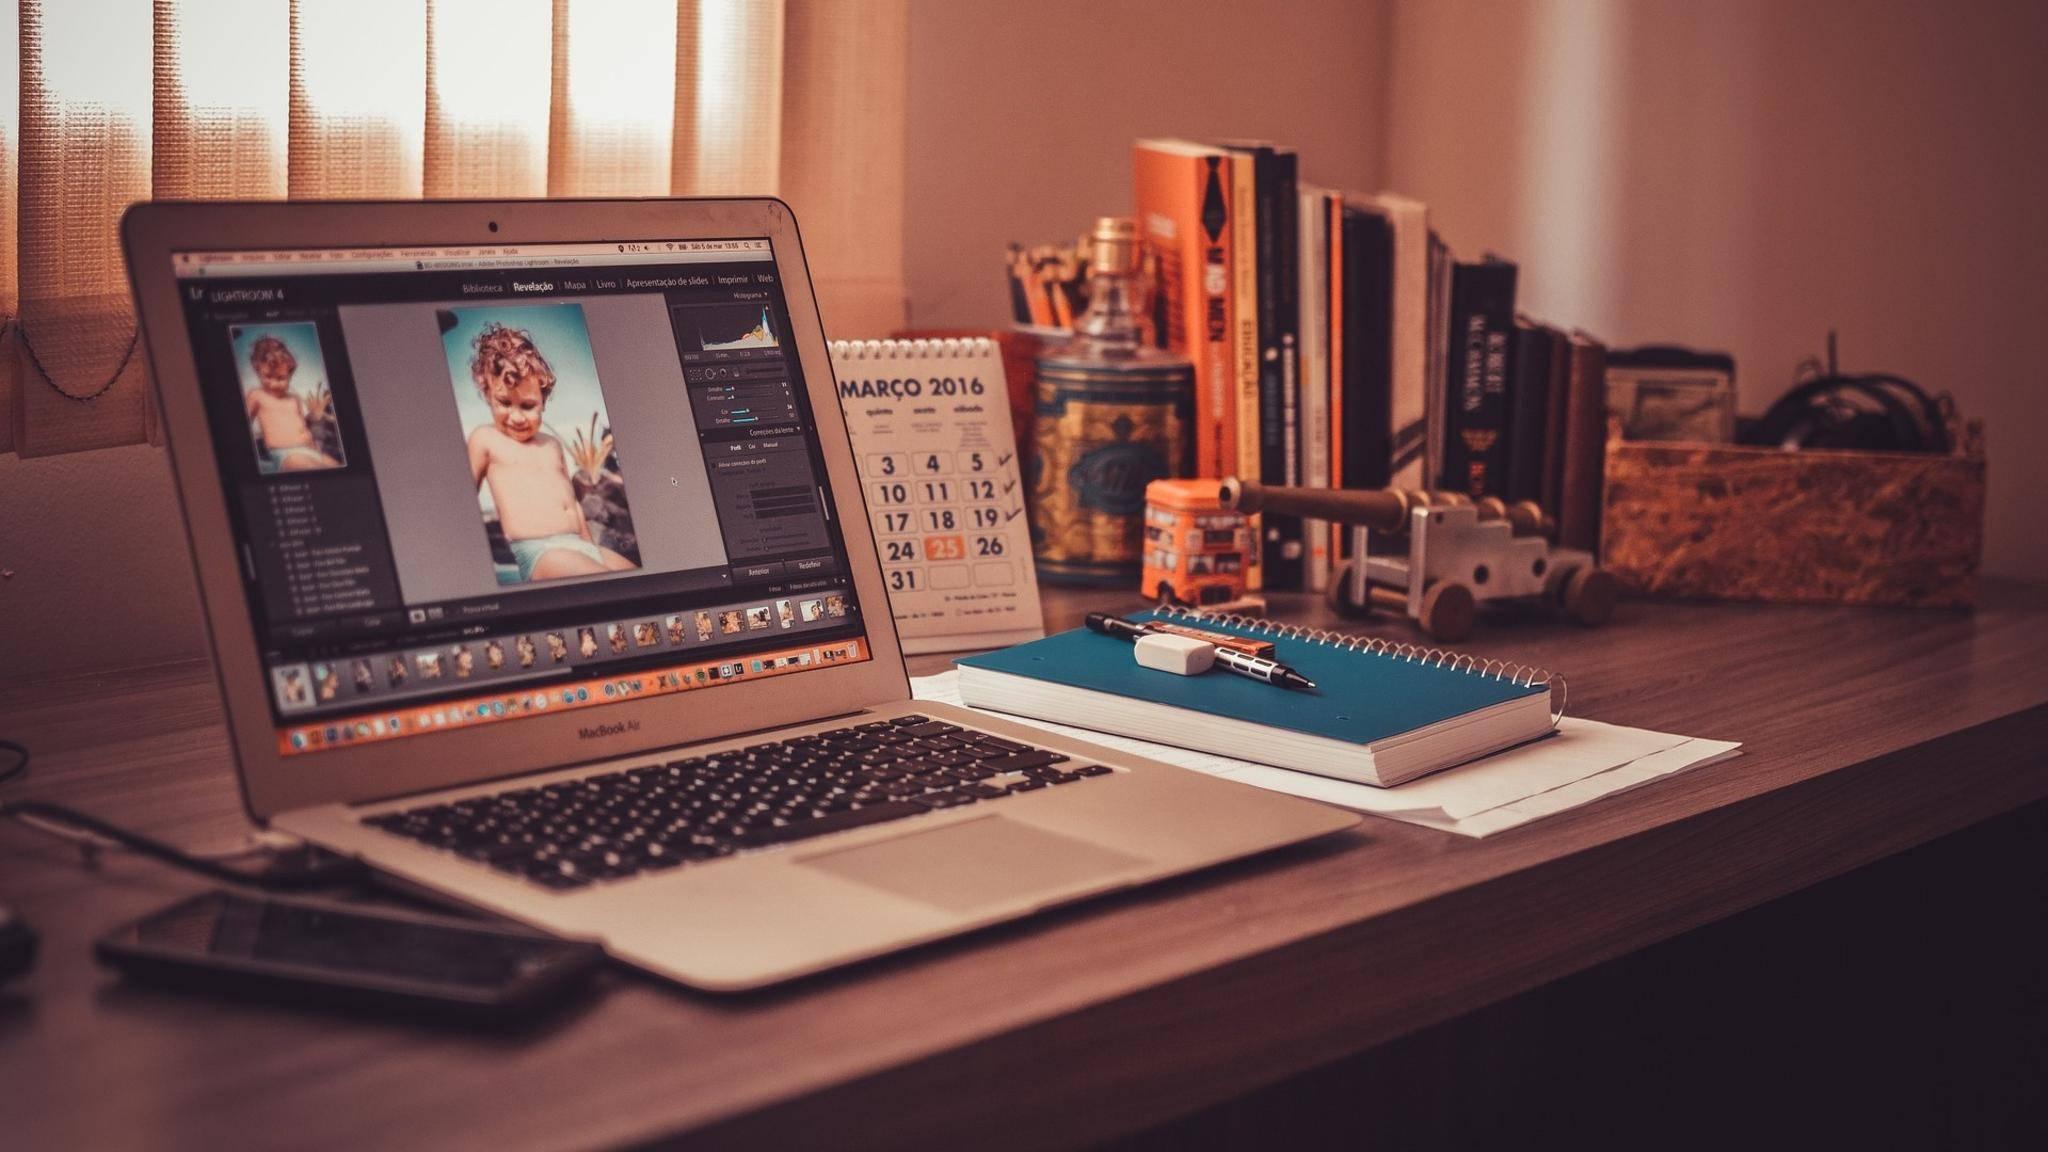 Auf Macs und MacBooks funktioniert das Erstellen von Screenshots auf dieselbe Weise.